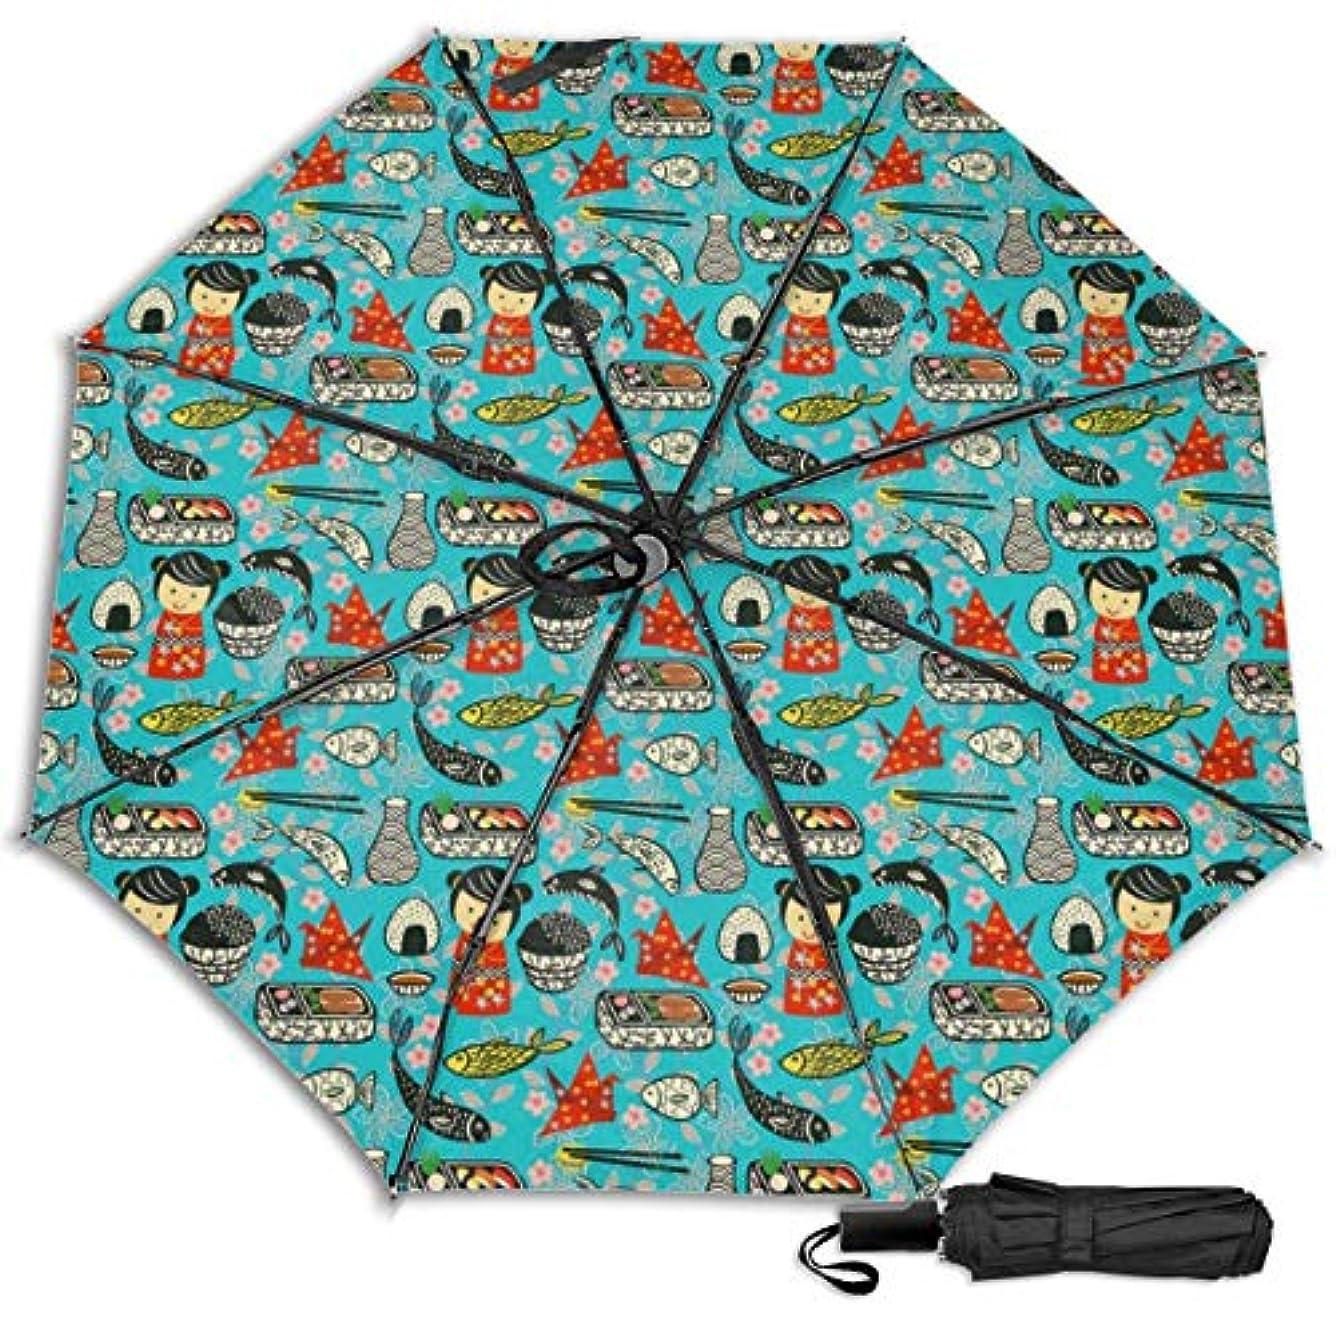 オリエントディレクターブーム日本寿司かわいい日傘 折りたたみ日傘 折り畳み日傘 超軽量 遮光率100% UVカット率99.9% UPF50+ 紫外線対策 遮熱効果 晴雨兼用 携帯便利 耐風撥水 手動 男女兼用